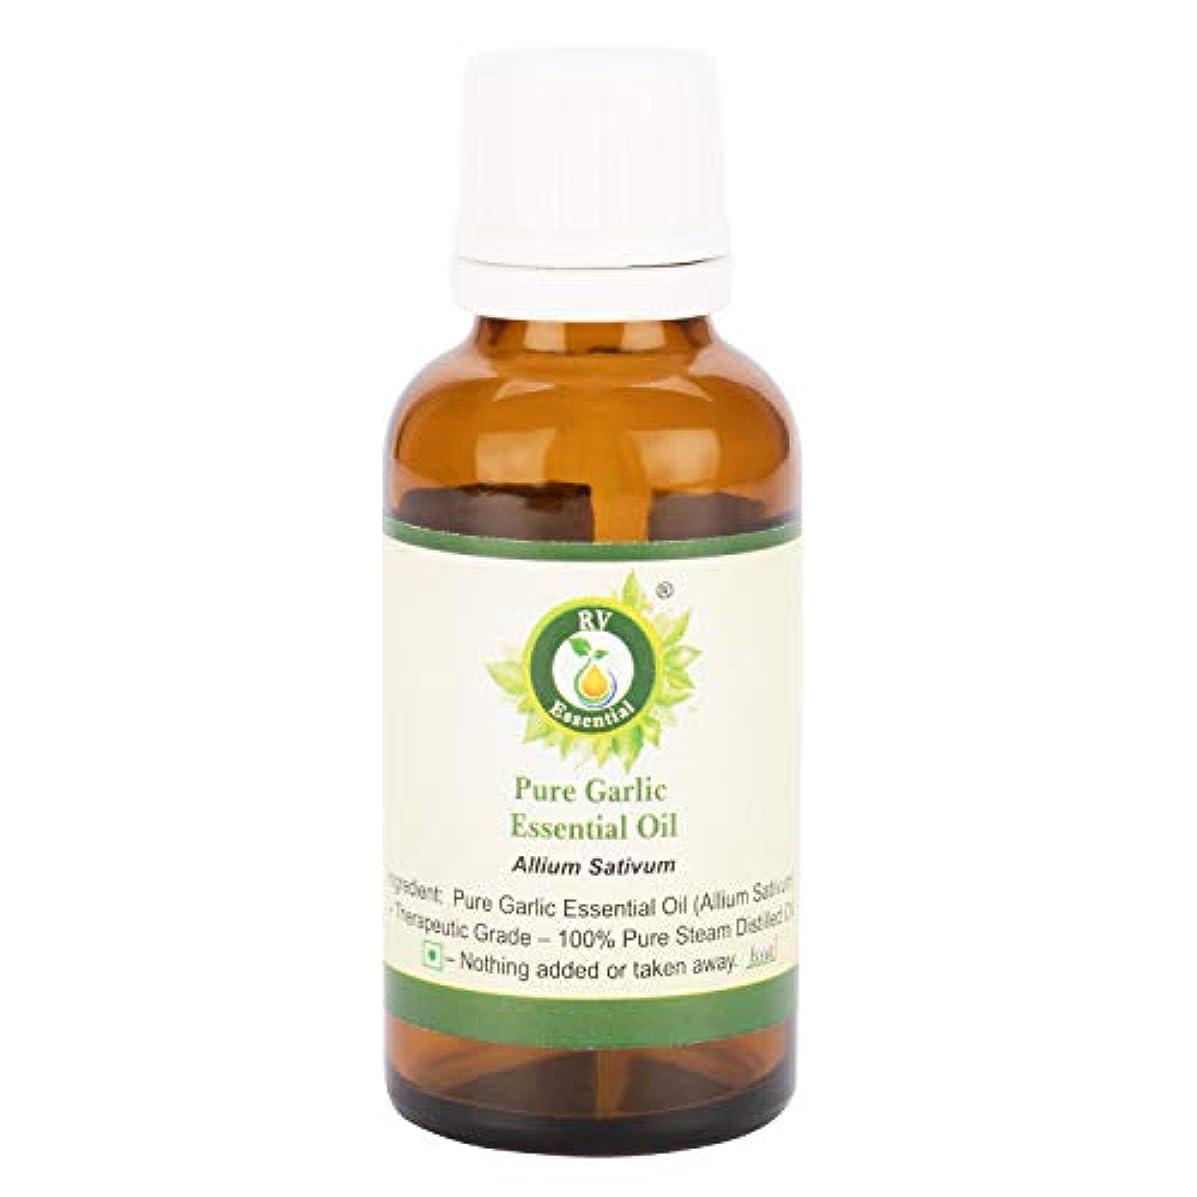 アフリカ人ライラックどうやってピュアニンニクエッセンシャルオイル100ml (3.38oz)- Allium Sativum (100%純粋&天然スチームDistilled) Pure Garlic Essential Oil